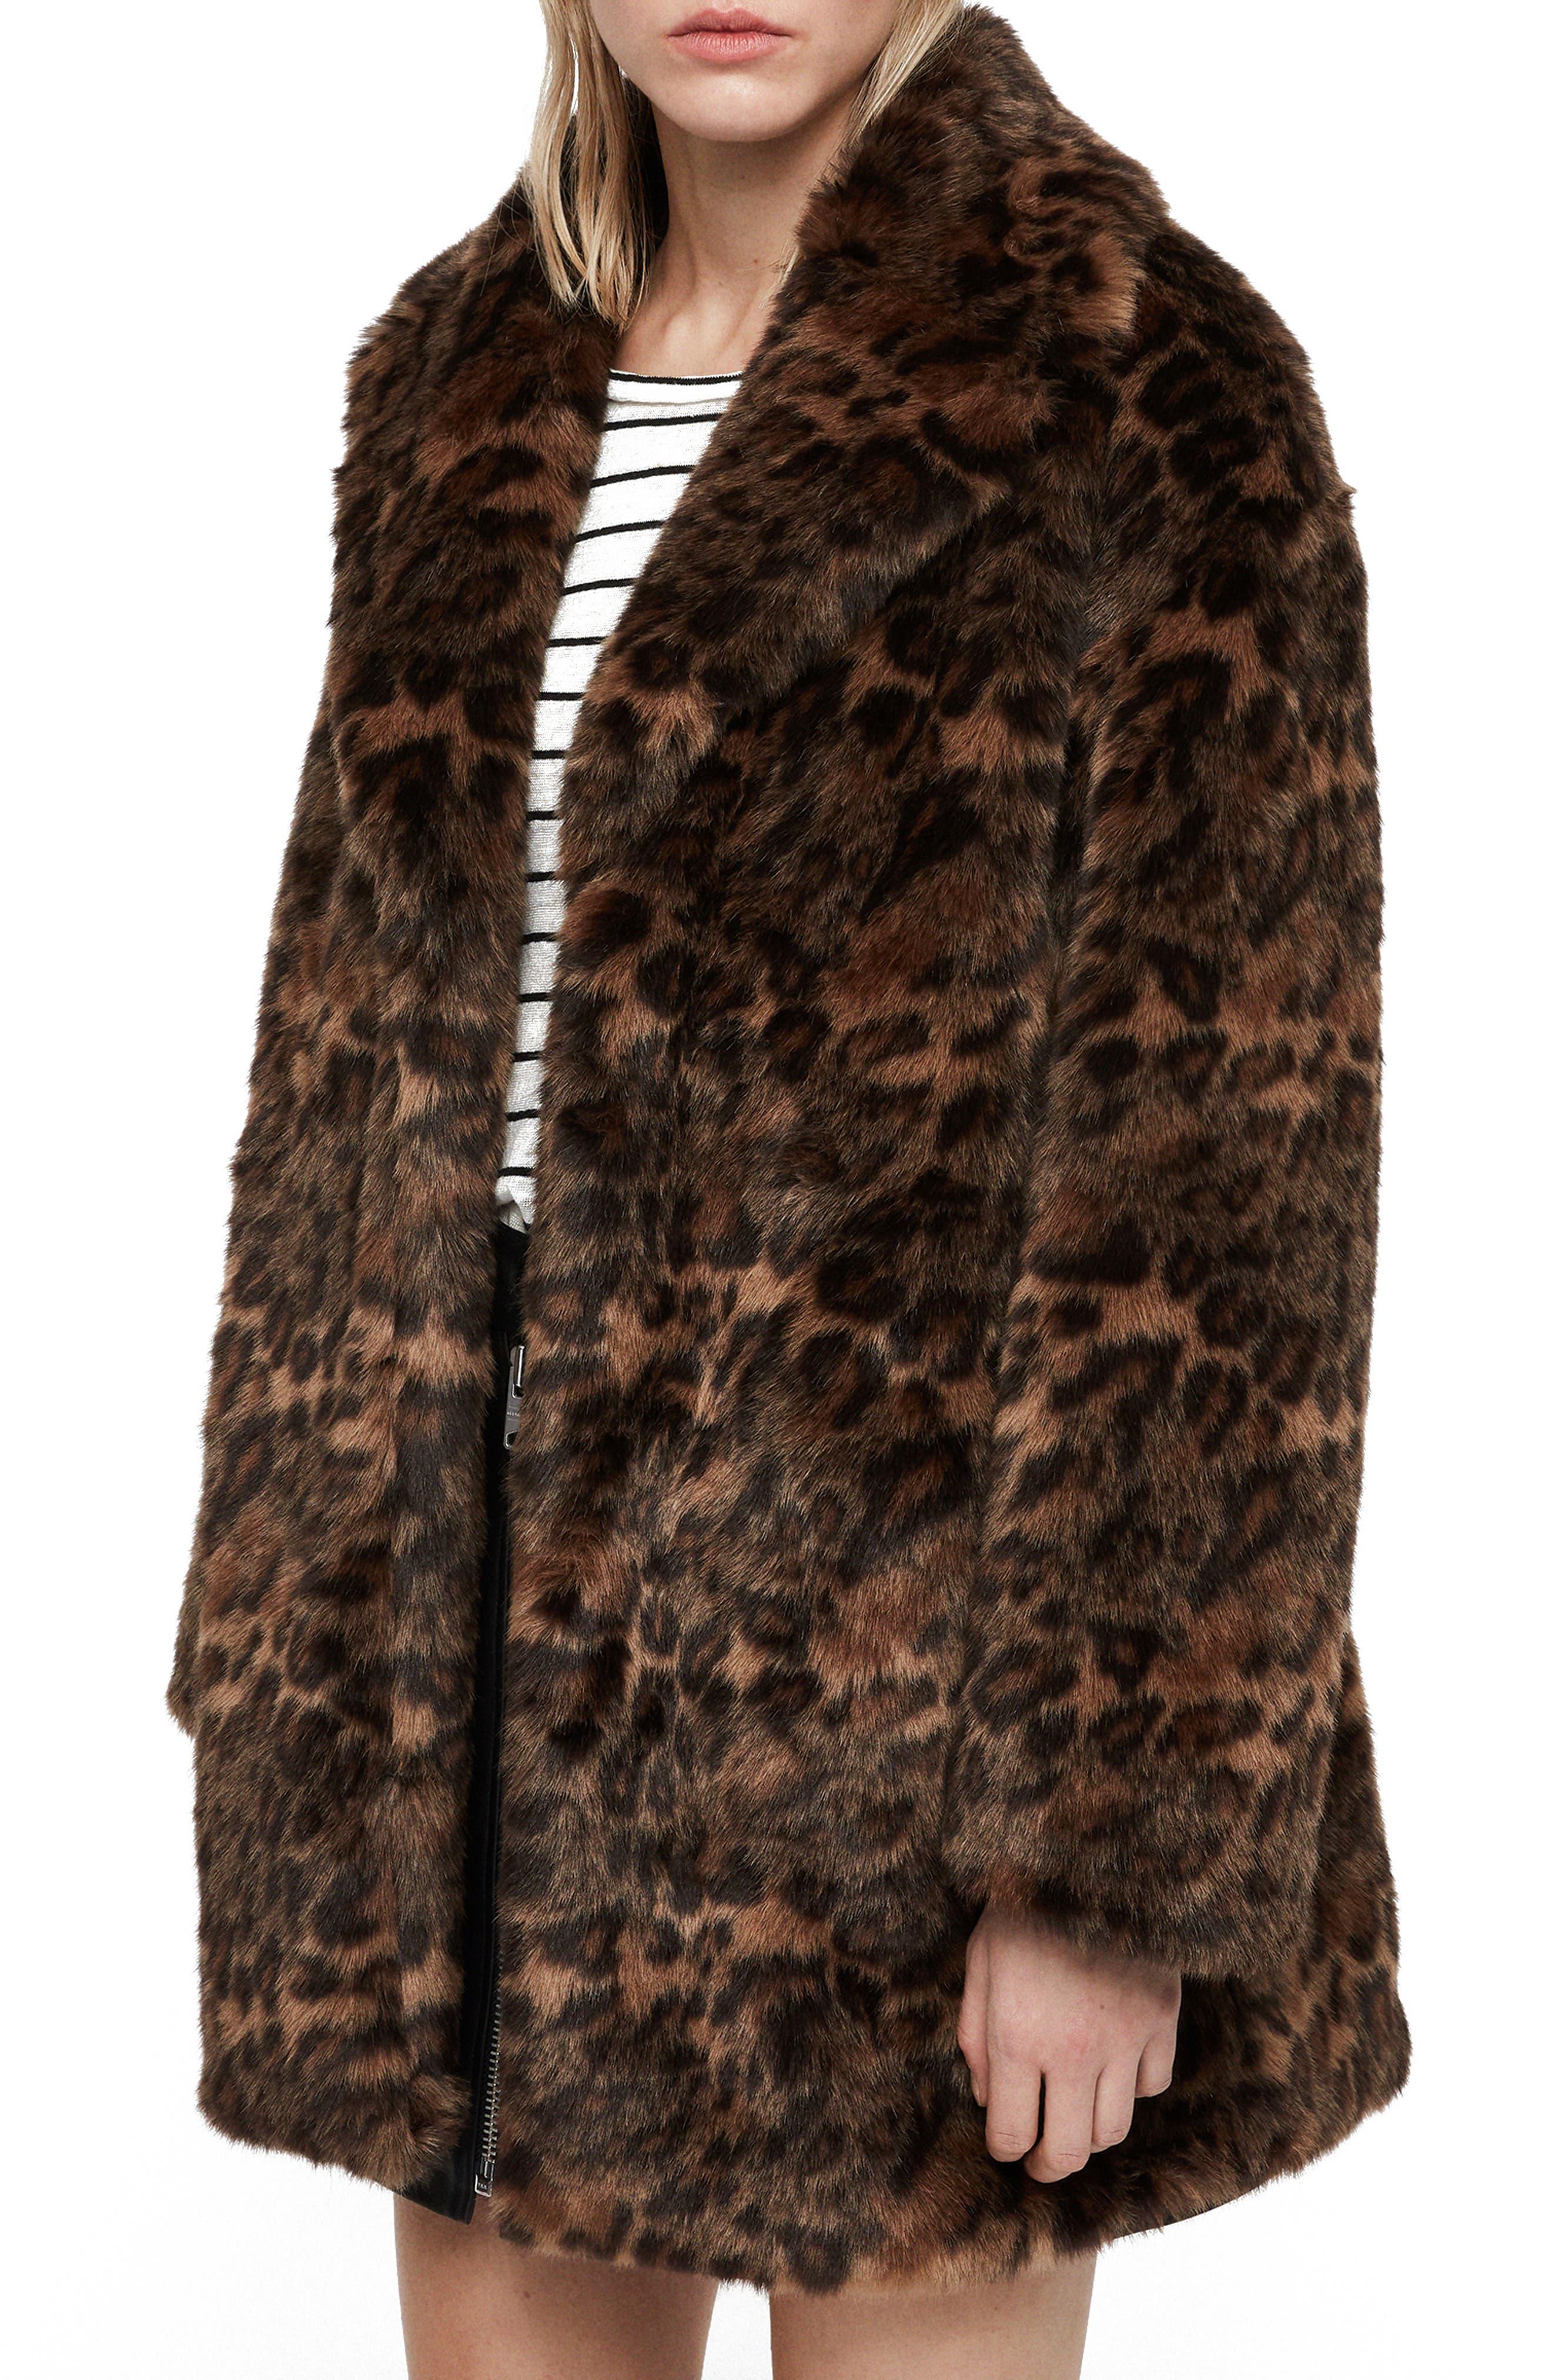 ALLSAINTS, Amice Leopard Spot Faux Fur Jacket, Alternate thumbnail 4, color, 200